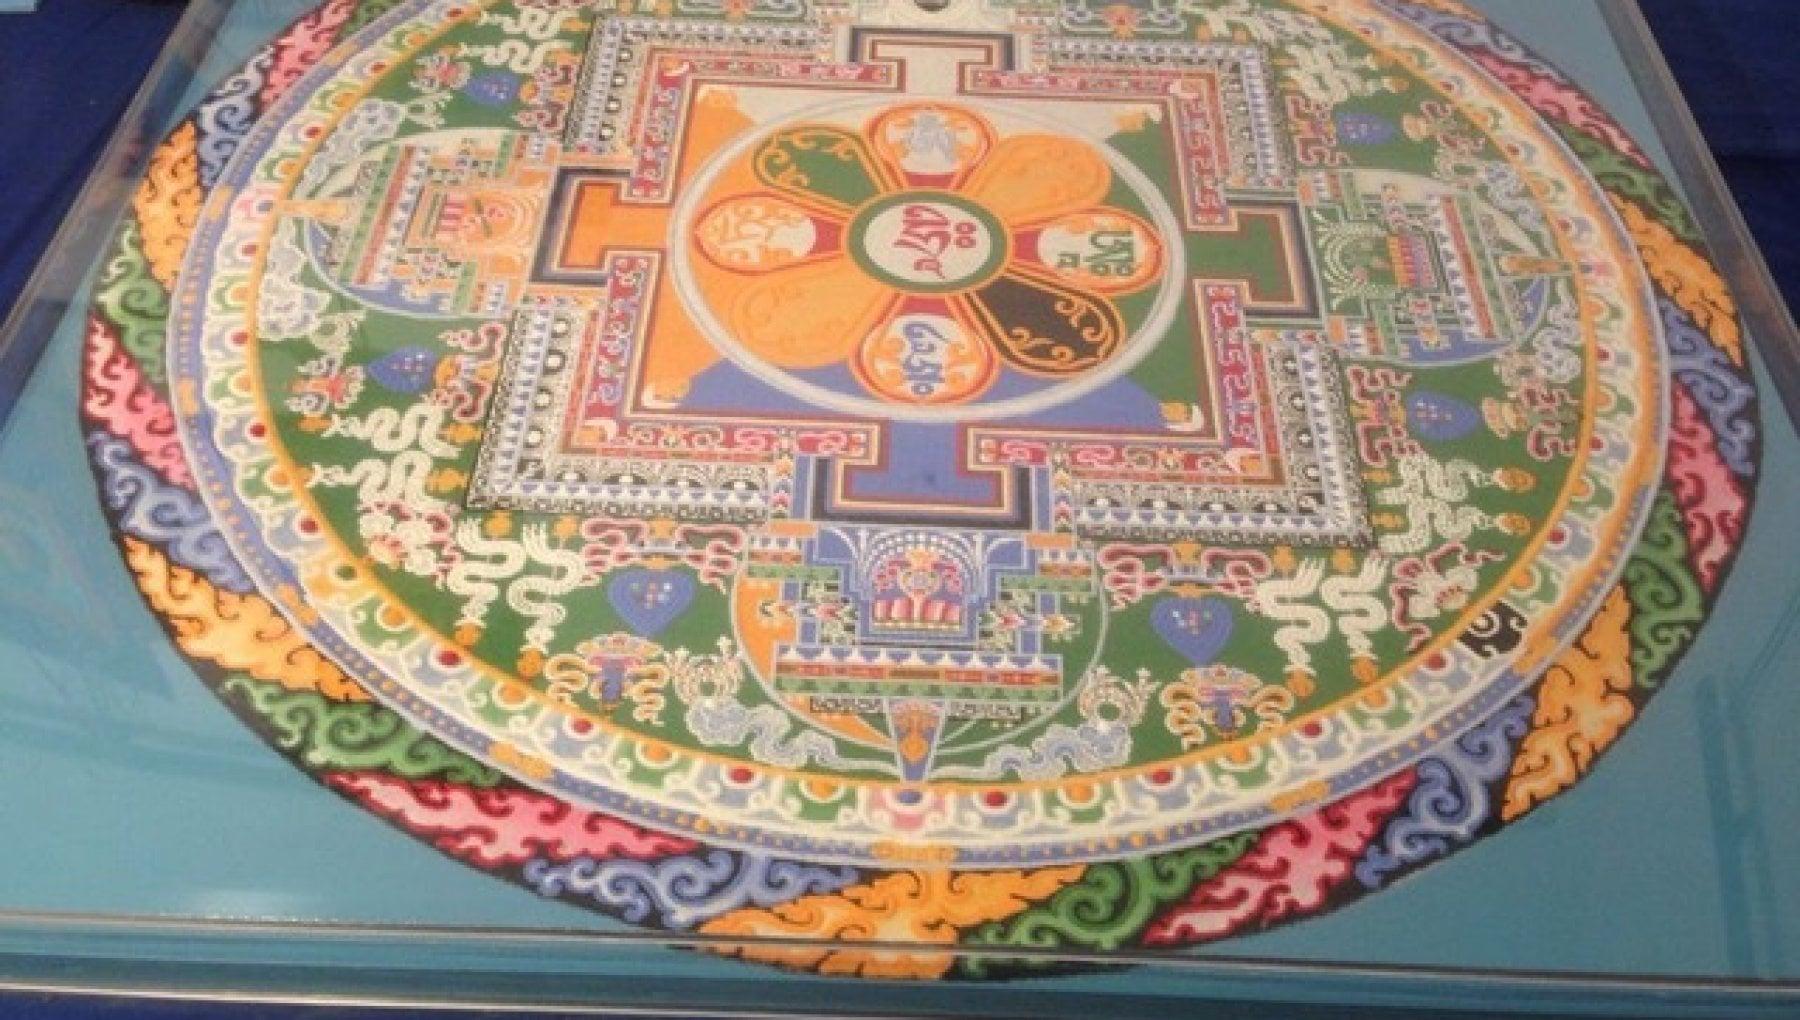 """121921850 b13c73a7 b405 4cfb 9aec 44bd911af1b2 - La battaglia del mandala del Dalai Lama, Livia Pomodoro: """"Non distruggetelo"""""""